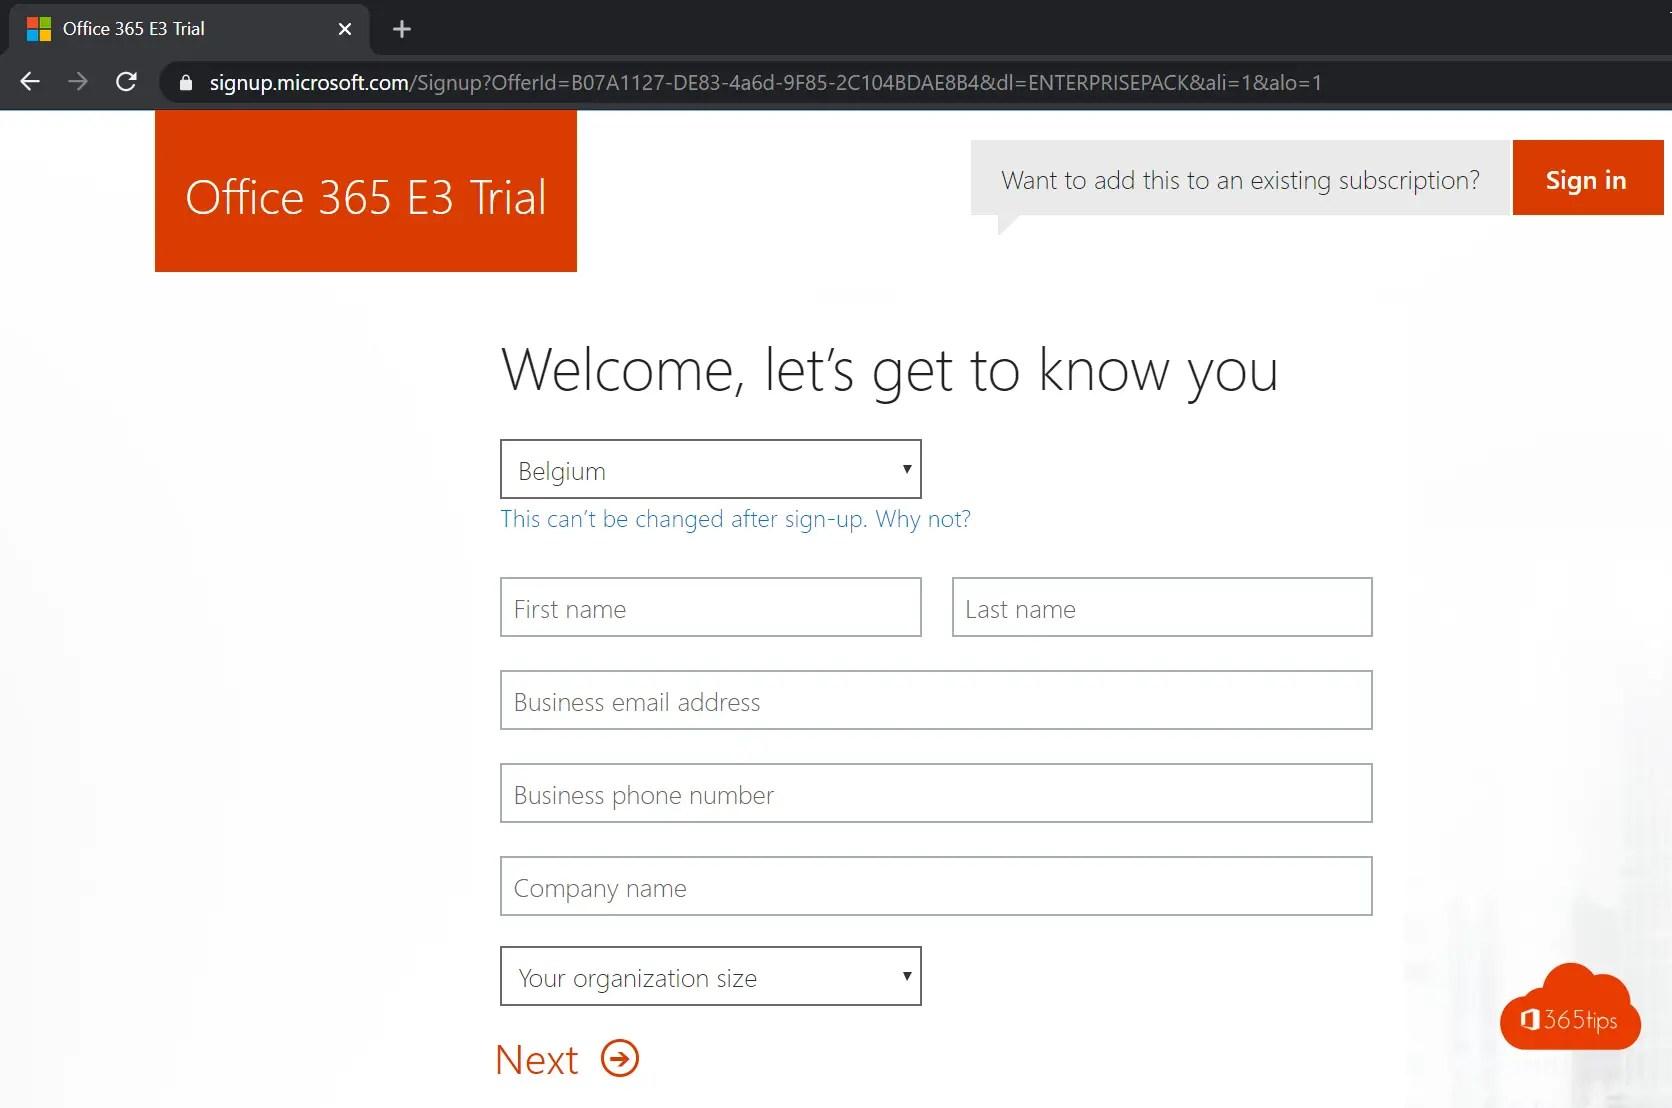 Handleiding: Hoe creeër je een Office 365 tenant?